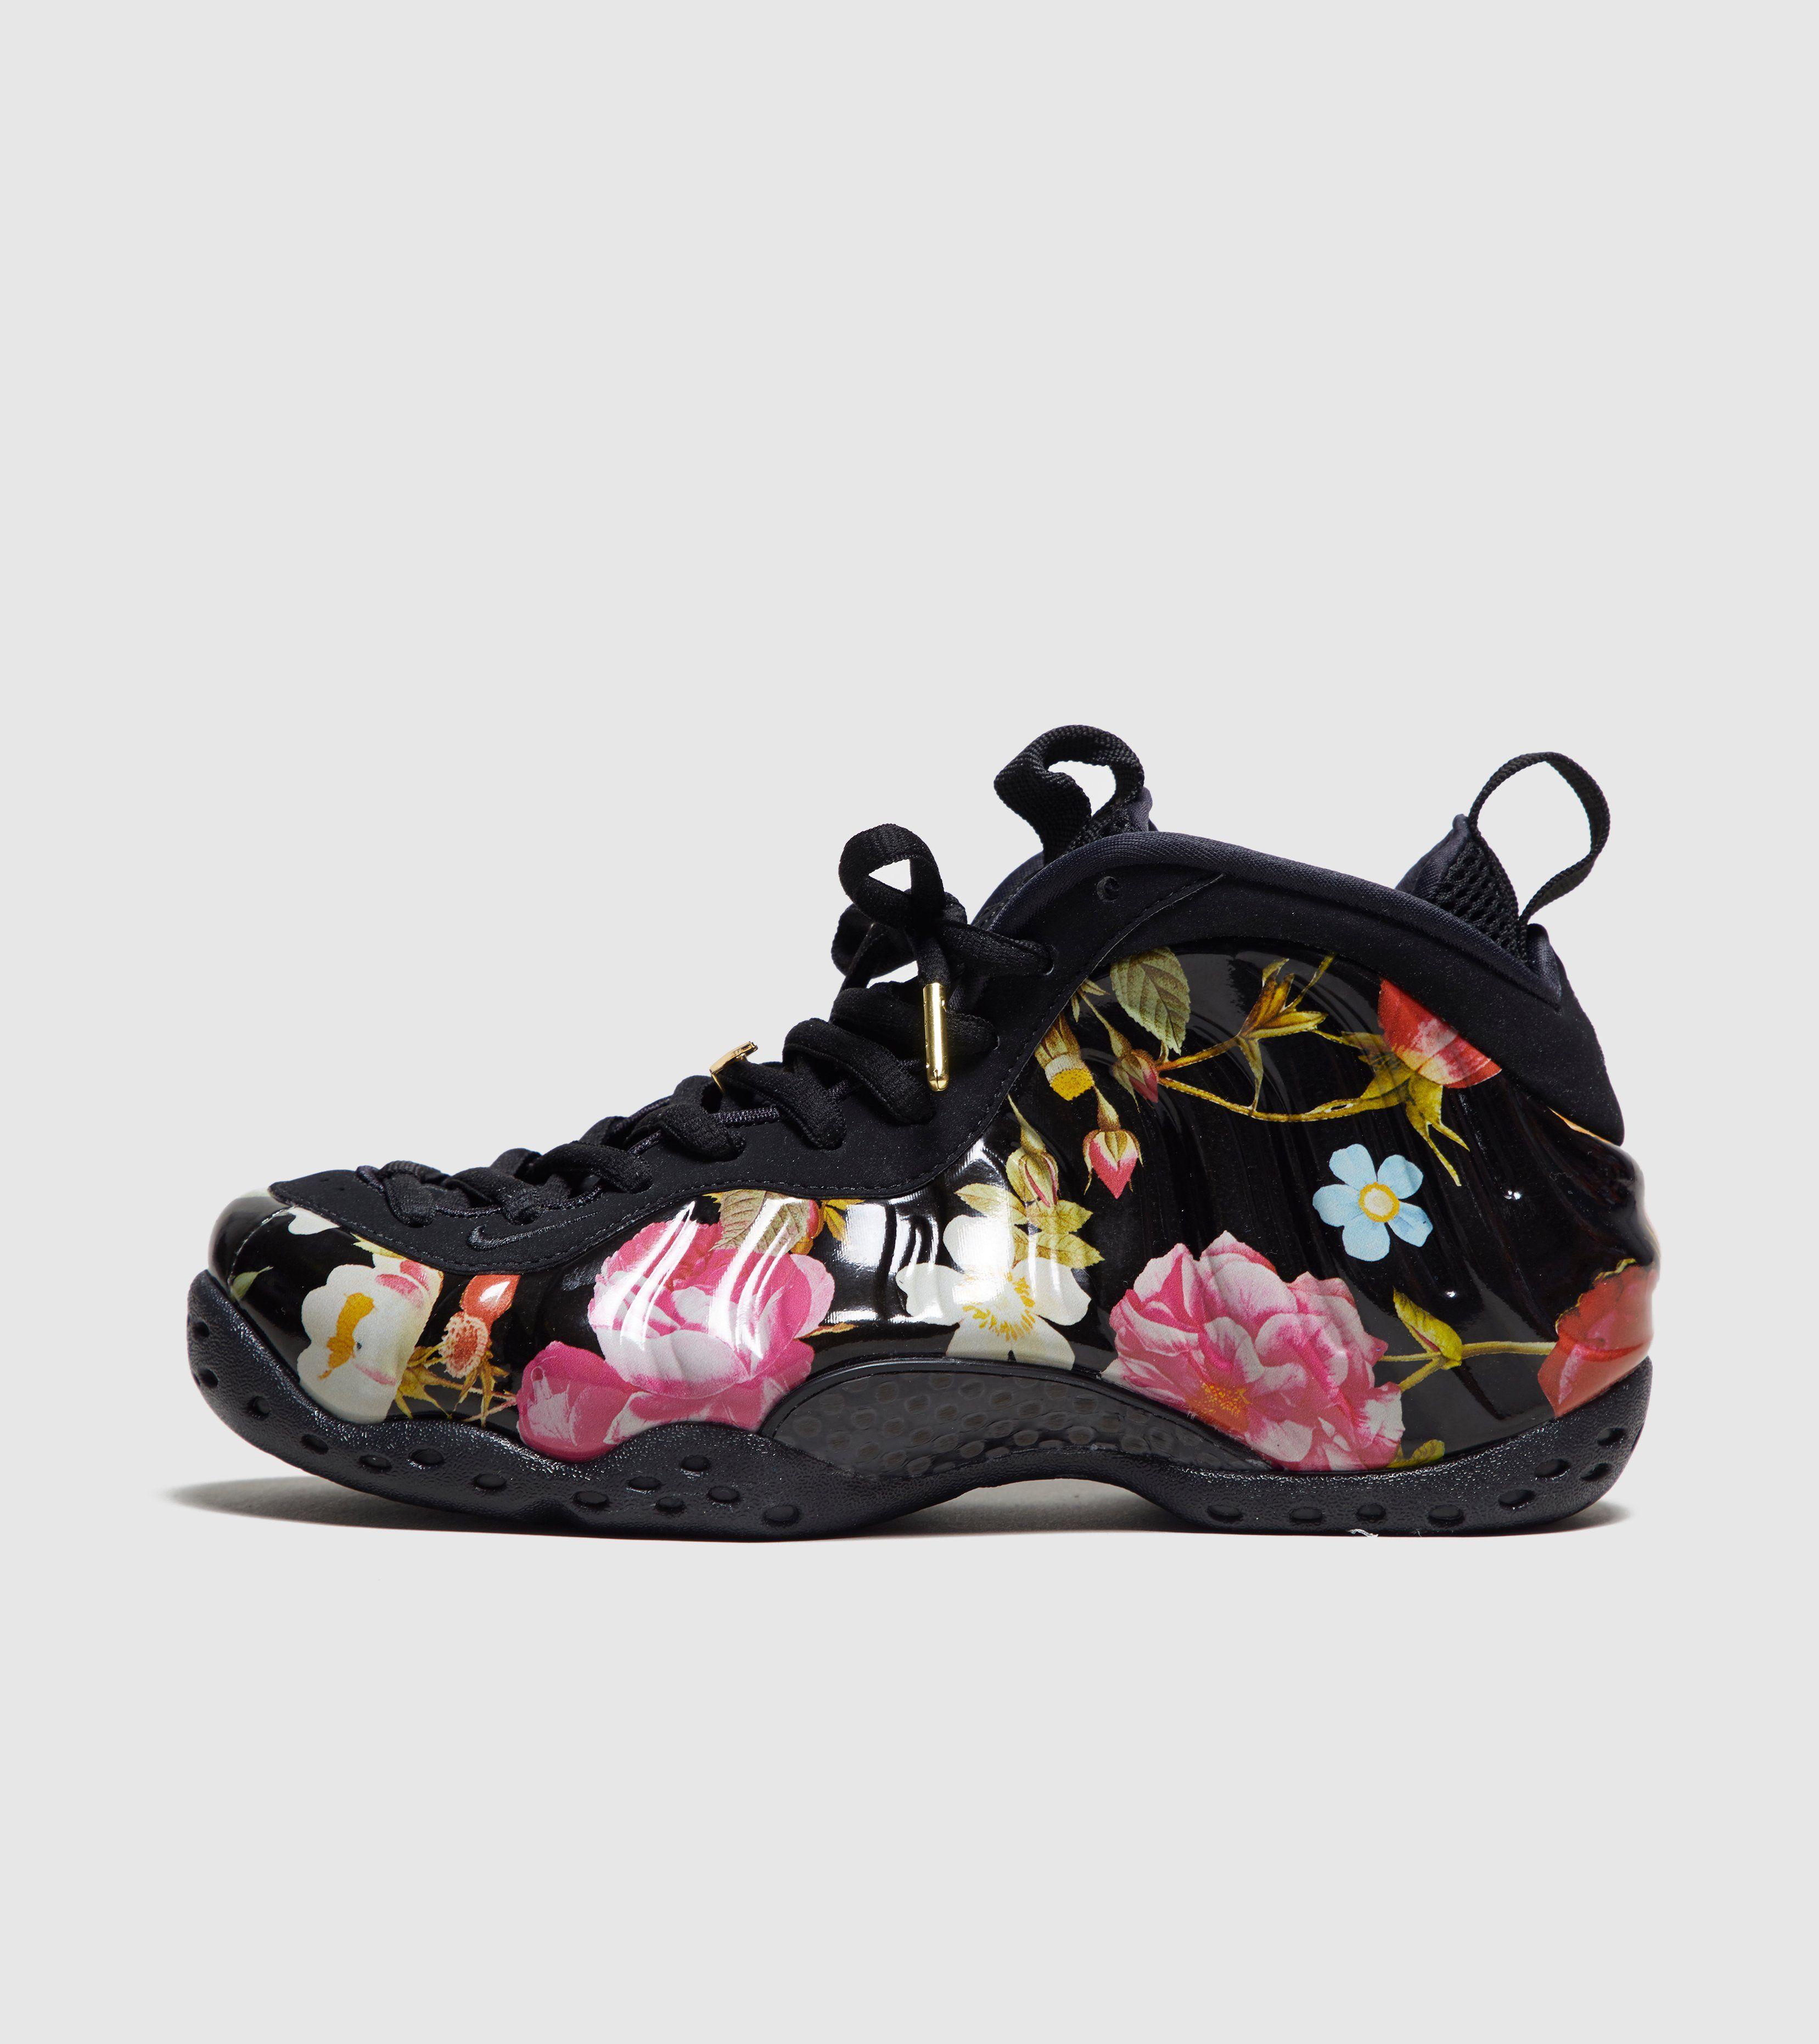 Nike Foamposite One Women's